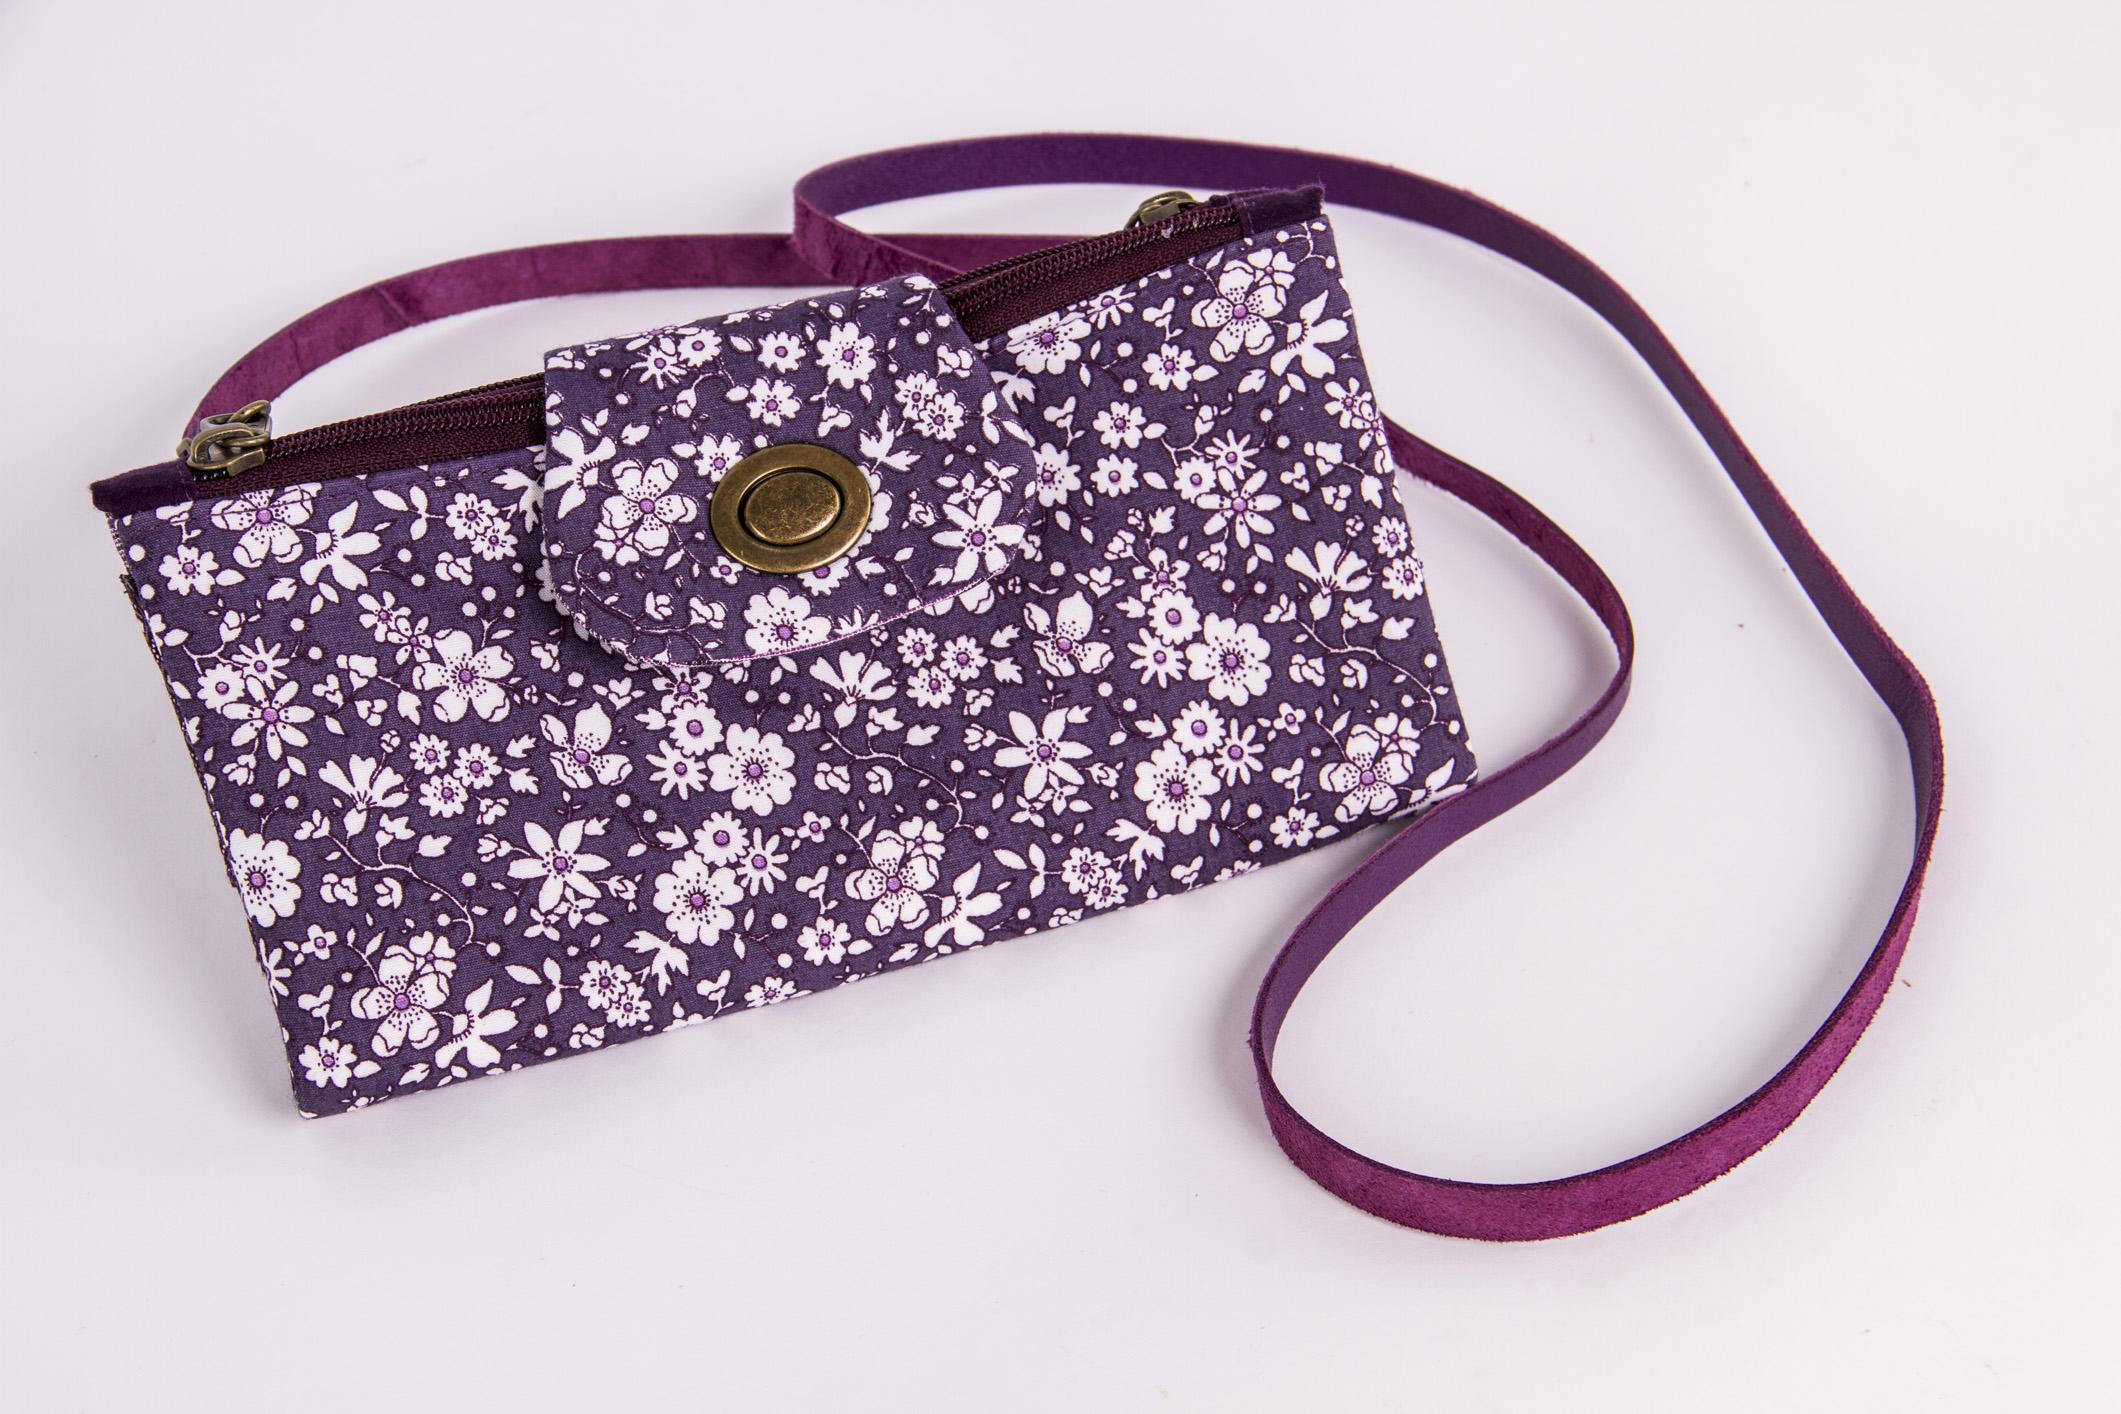 5a5130b93 Bolsa em tecido, peça exclusiva do curso Especial de Dia das Mães: peças  para